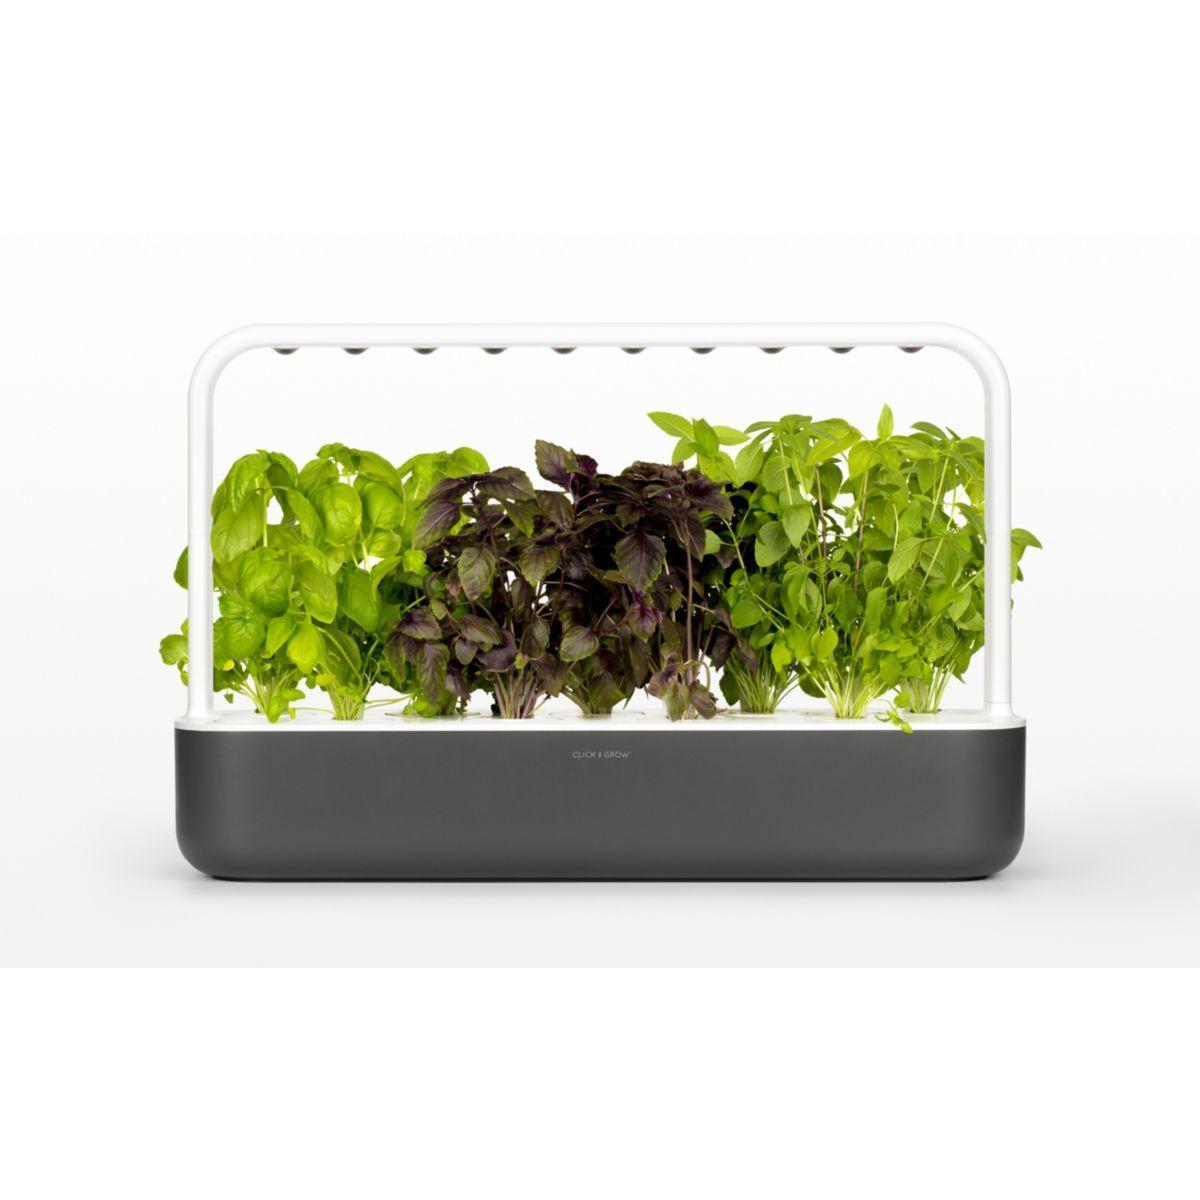 Jardin d'int�rieur click and grow smart garden 9 gris - 10% de remise imm�diate avec le code : priv10 (photo)